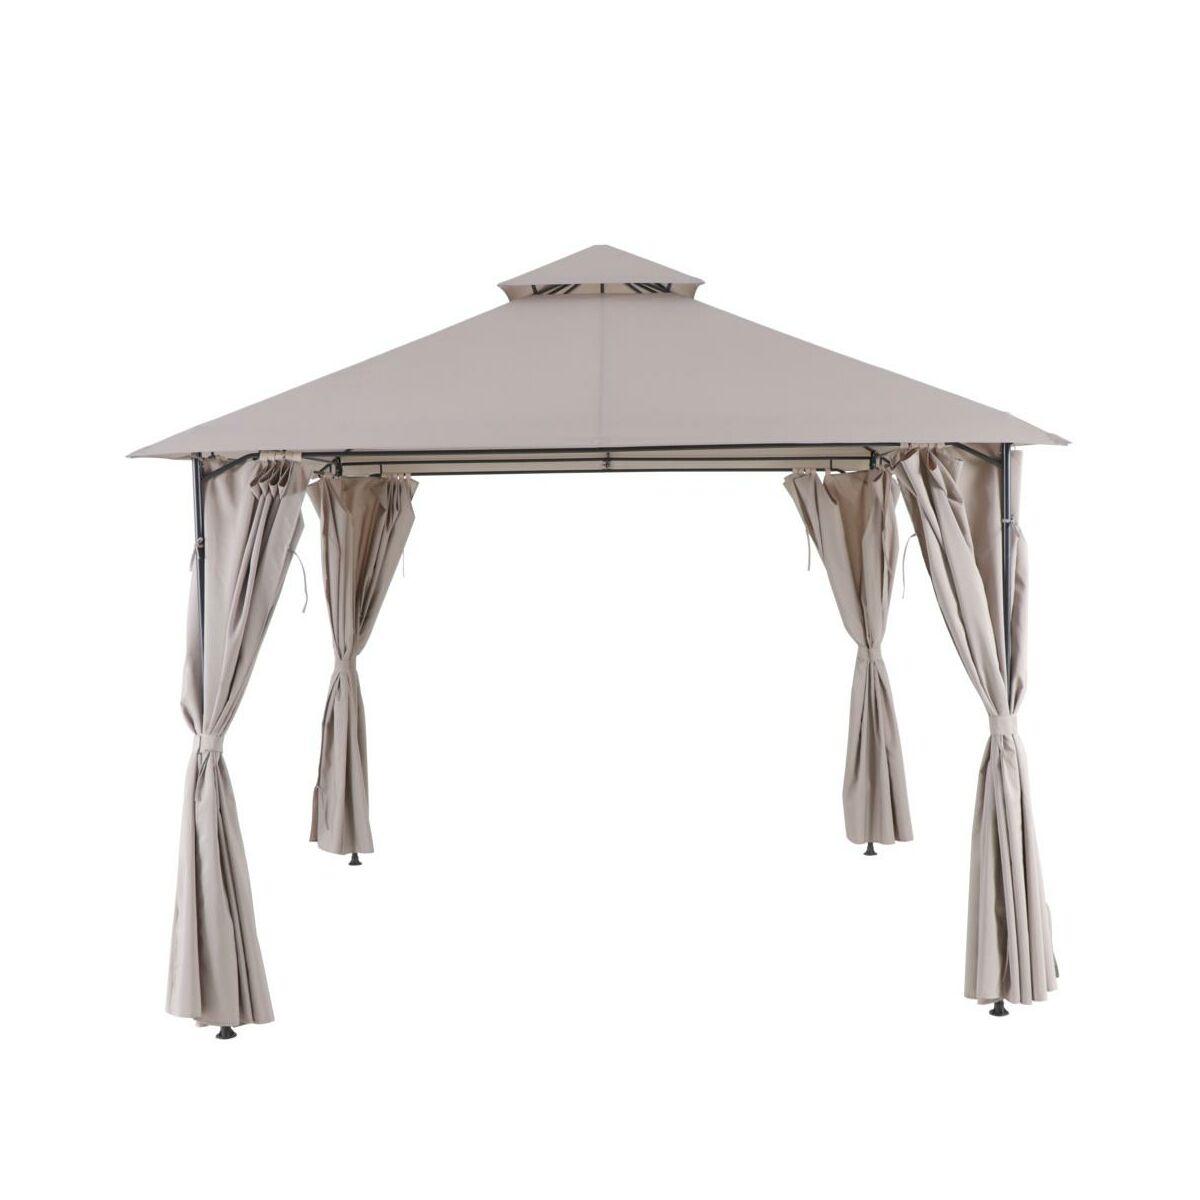 Pawilony i namioty ogrodowe | Dajar